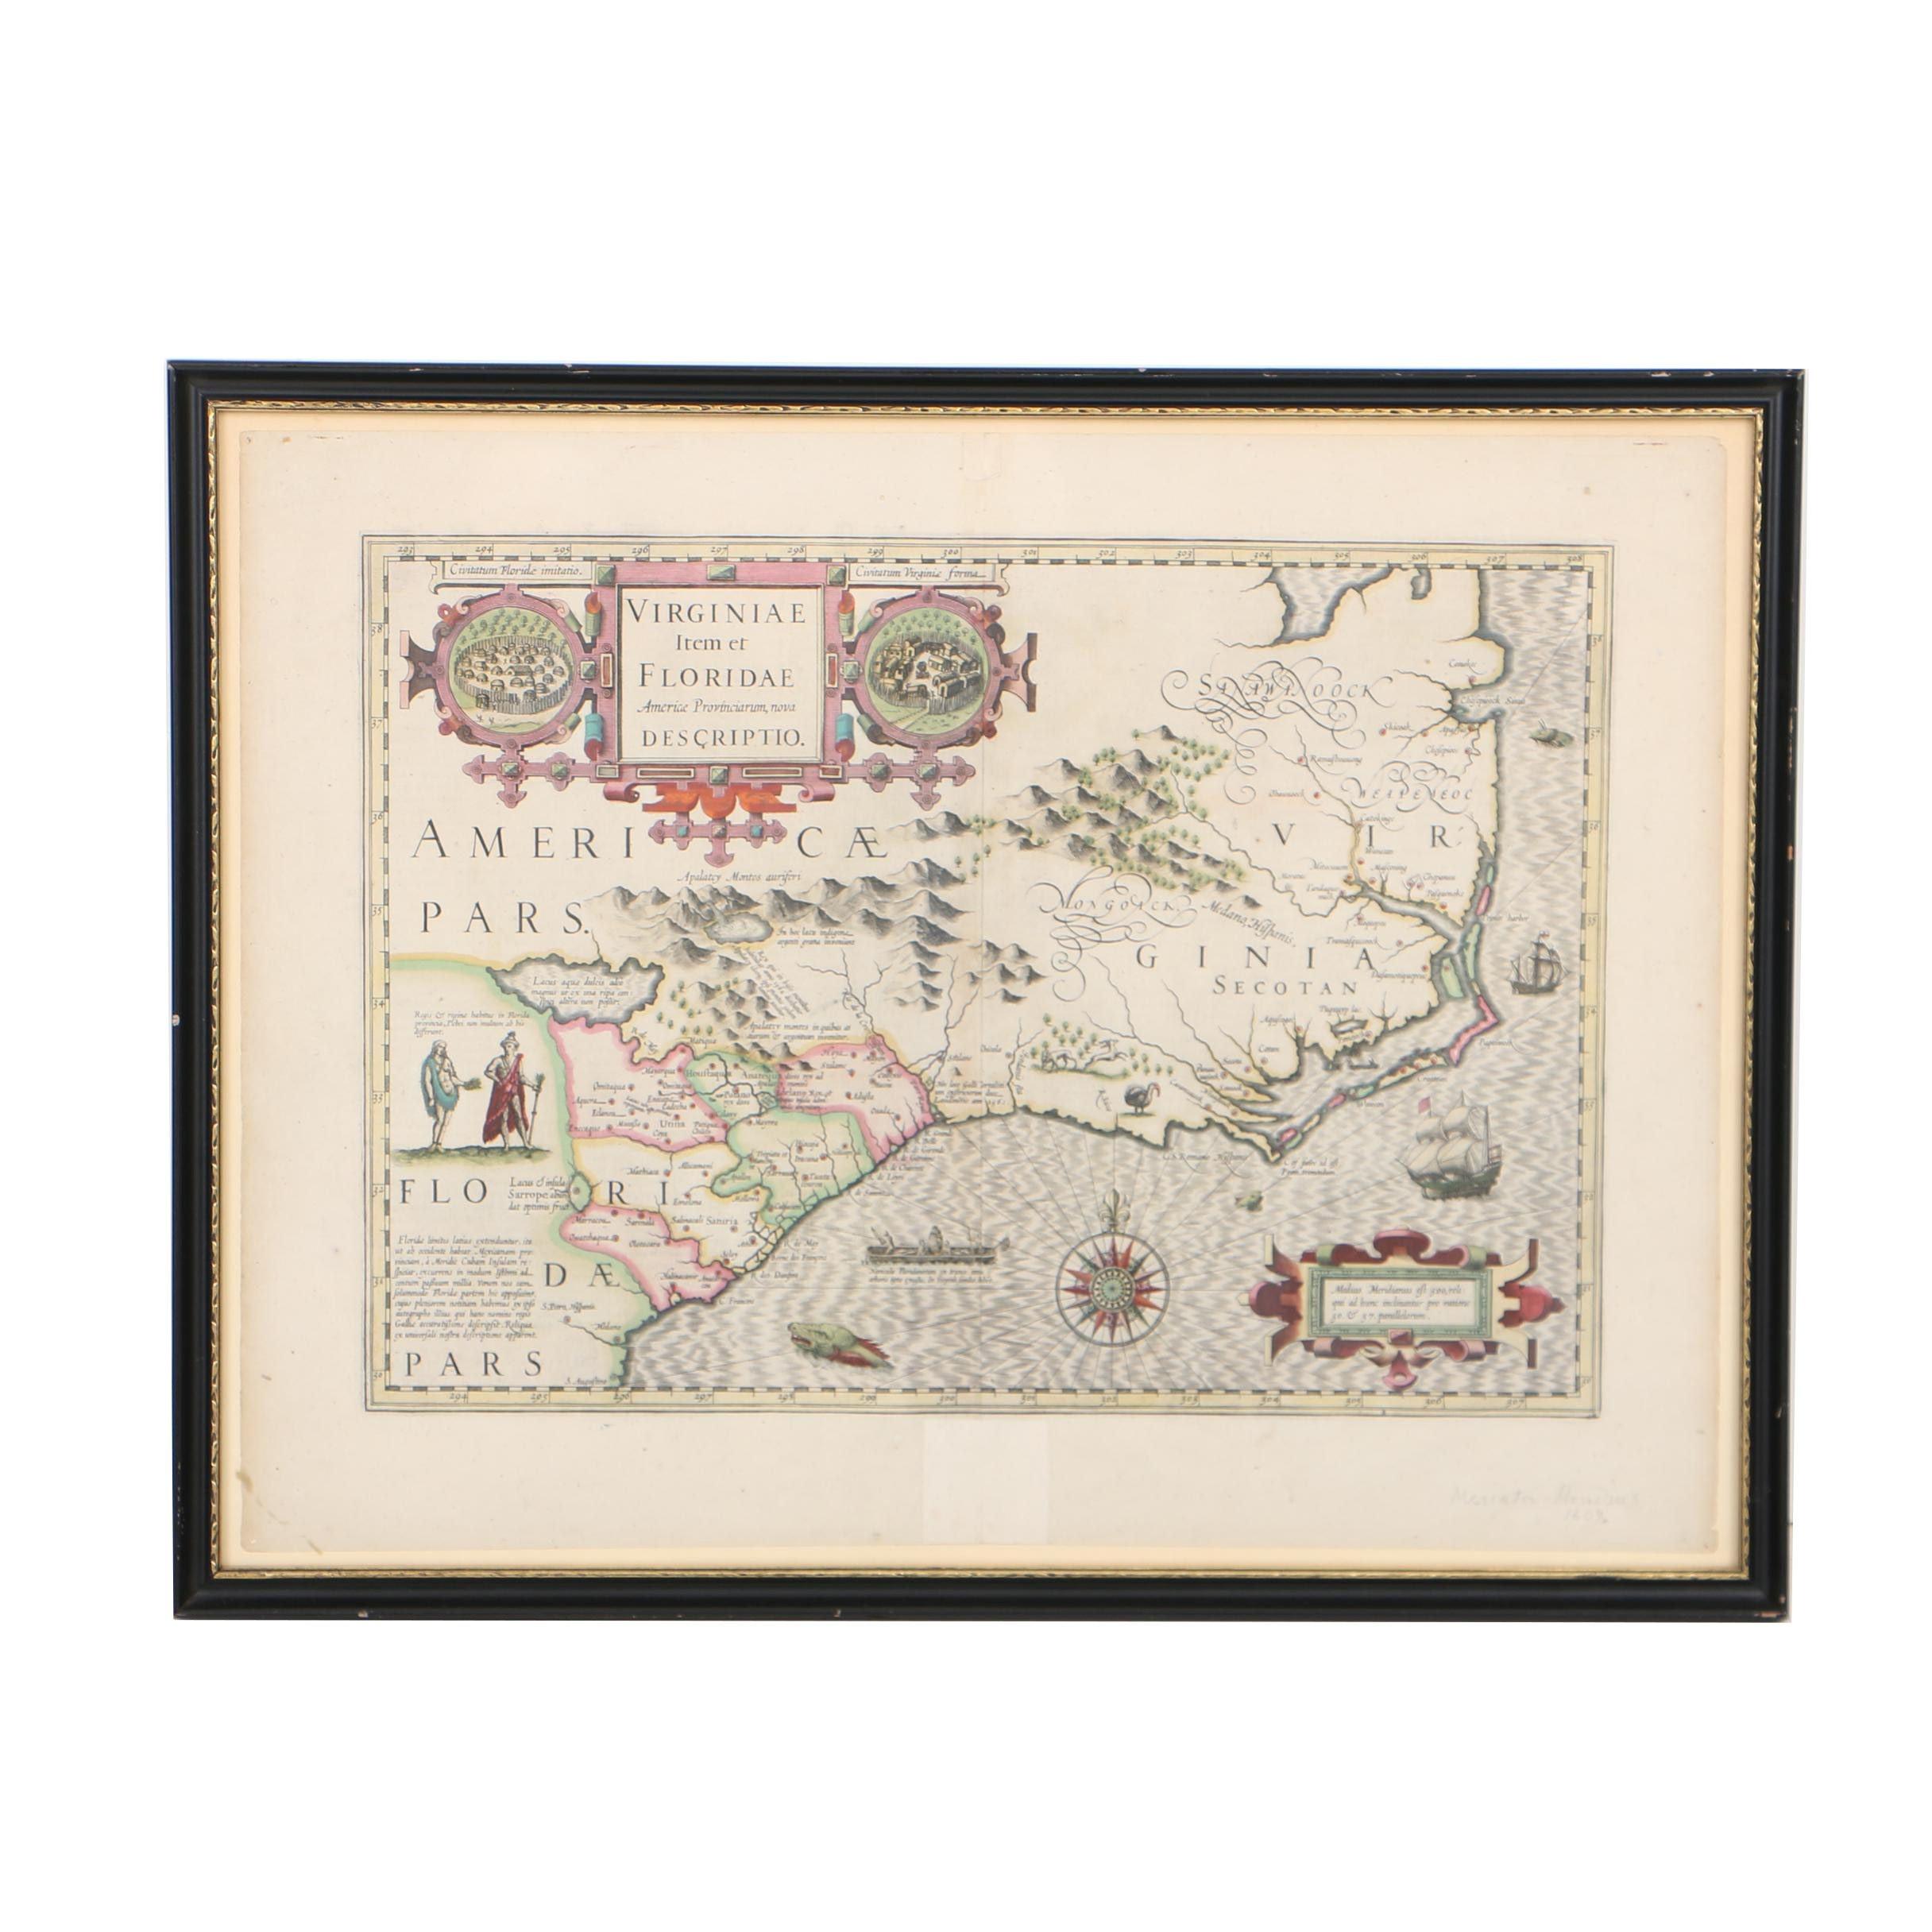 Jocodus Hondius Early 17th-Century Map Engraving of Virginia and the Carolinas